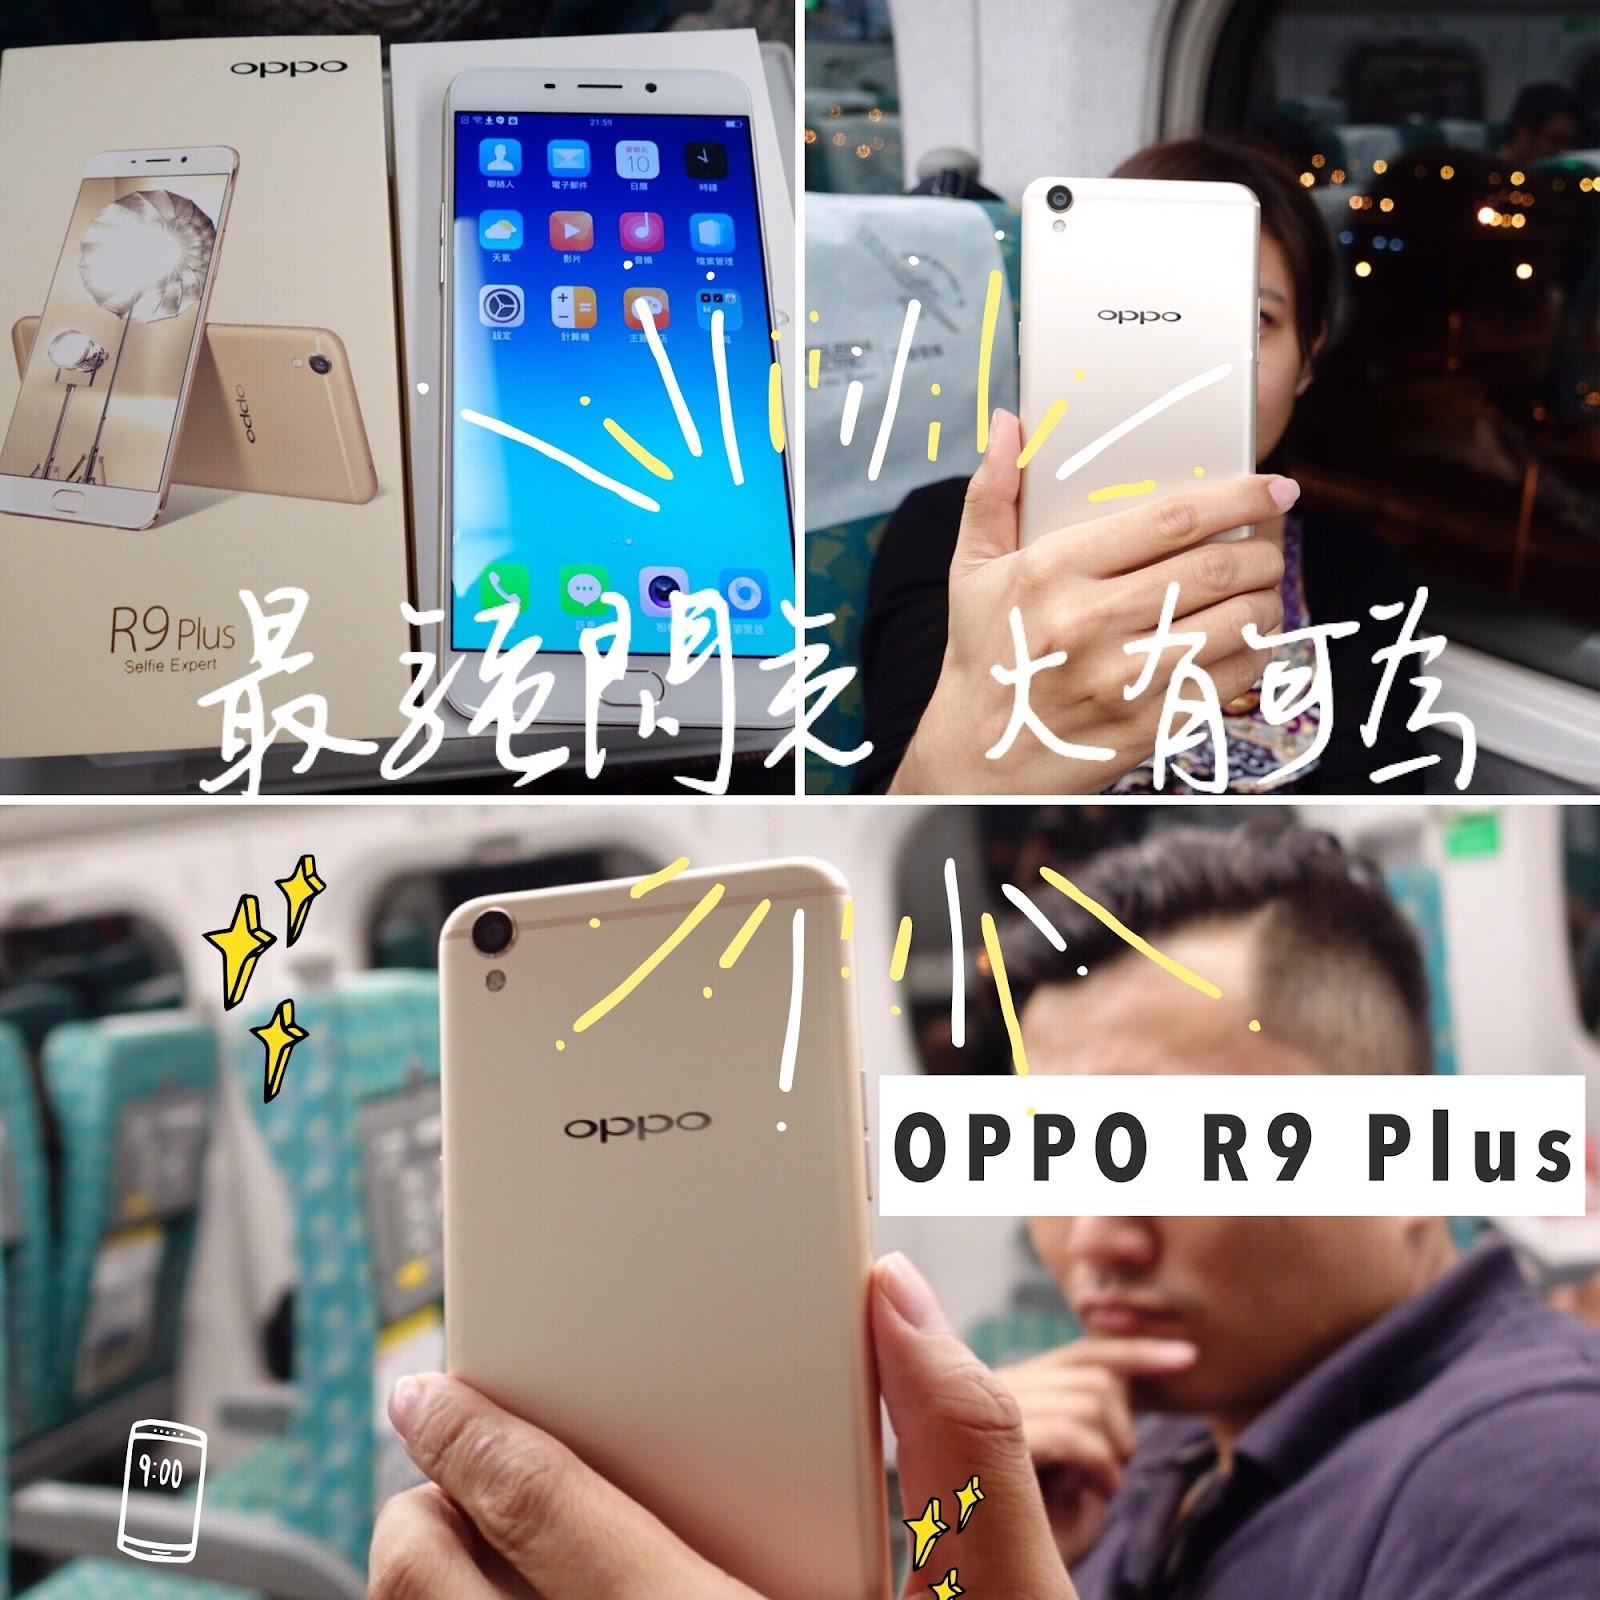 [é ˜éµä¸Šæ€¥é€Ÿé–‹ç ±] OPPO R9 Plus 除了6吋大螢幕還帶來更多升級 科技3C